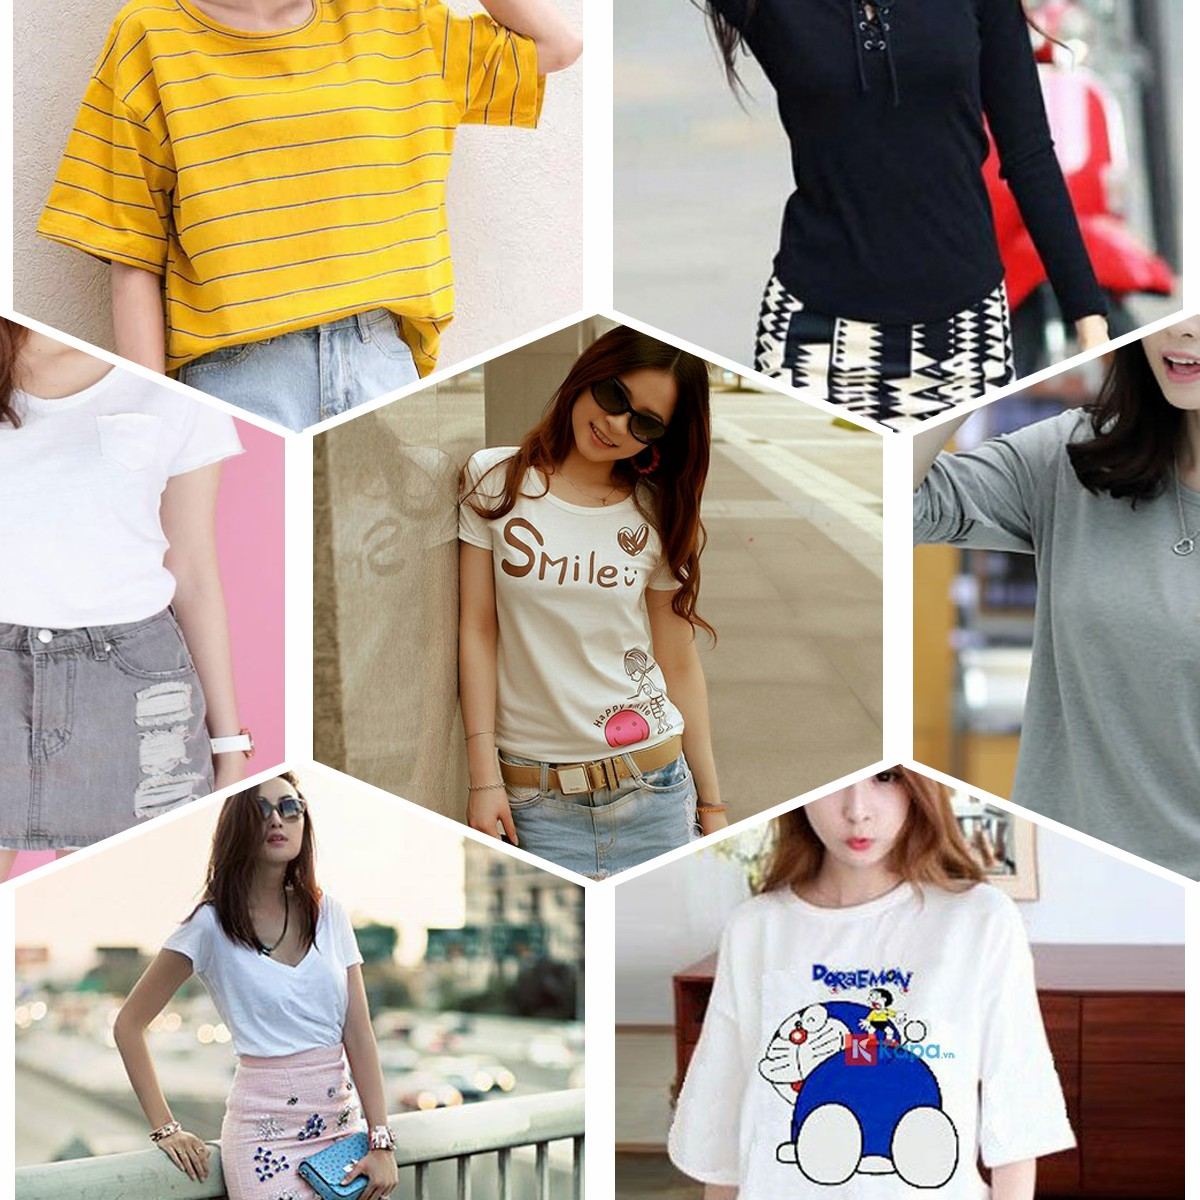 Áo thun nữ đơn giản Hàn Quốc dễ thương nhất